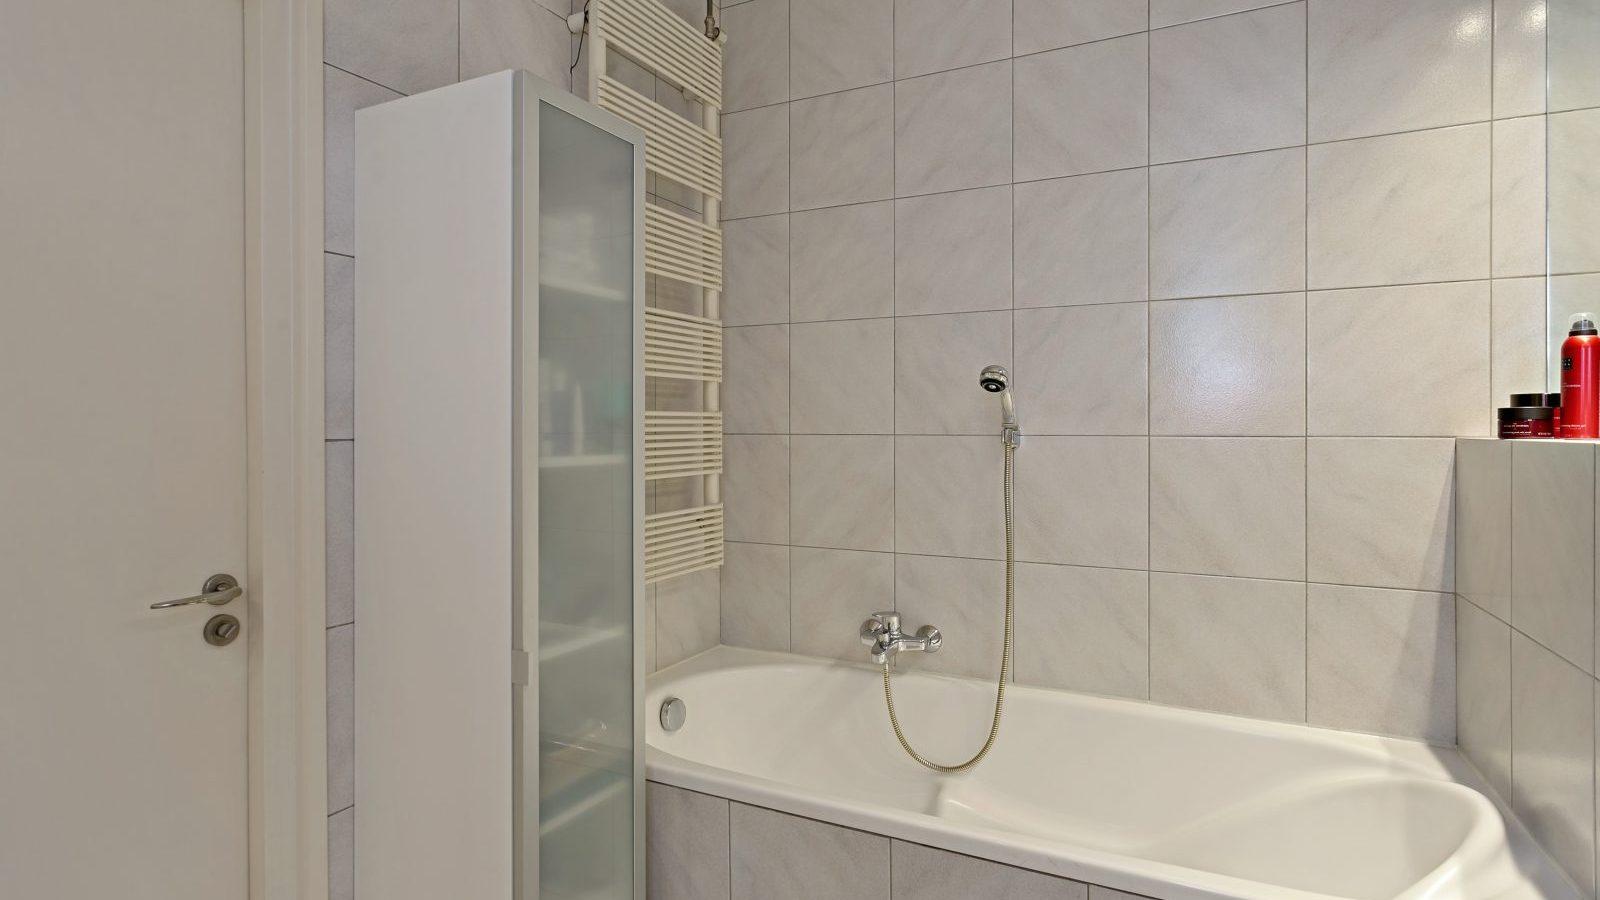 Vismarkt12Roermond-28-1600x1067